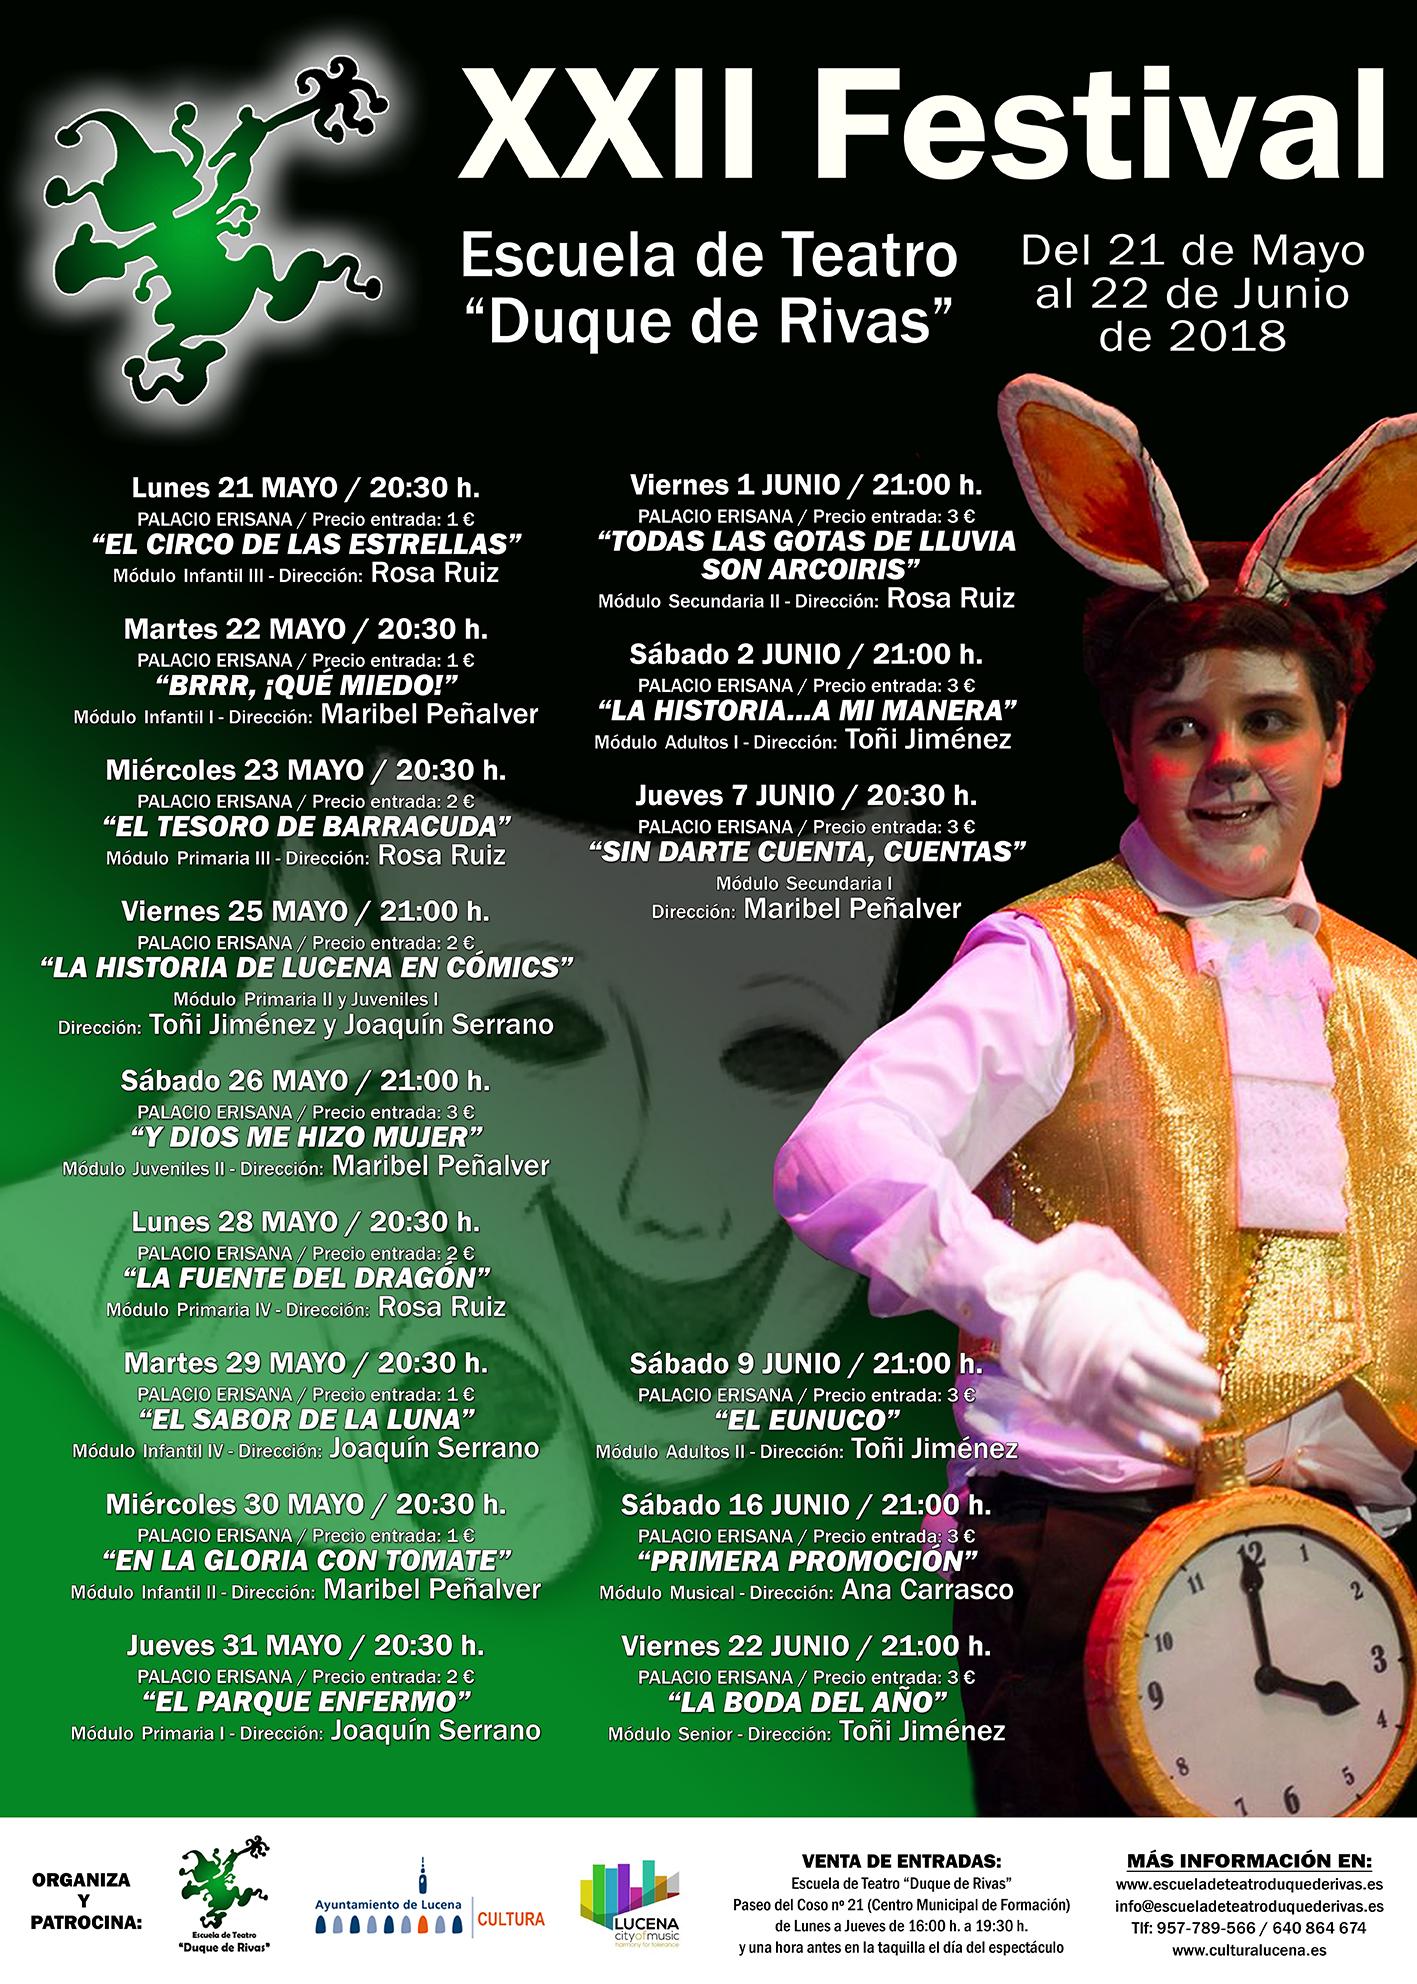 """XXII Festival de la Escuela de Teatro """"Duque de Rivas"""" @ Palacio Erisana"""